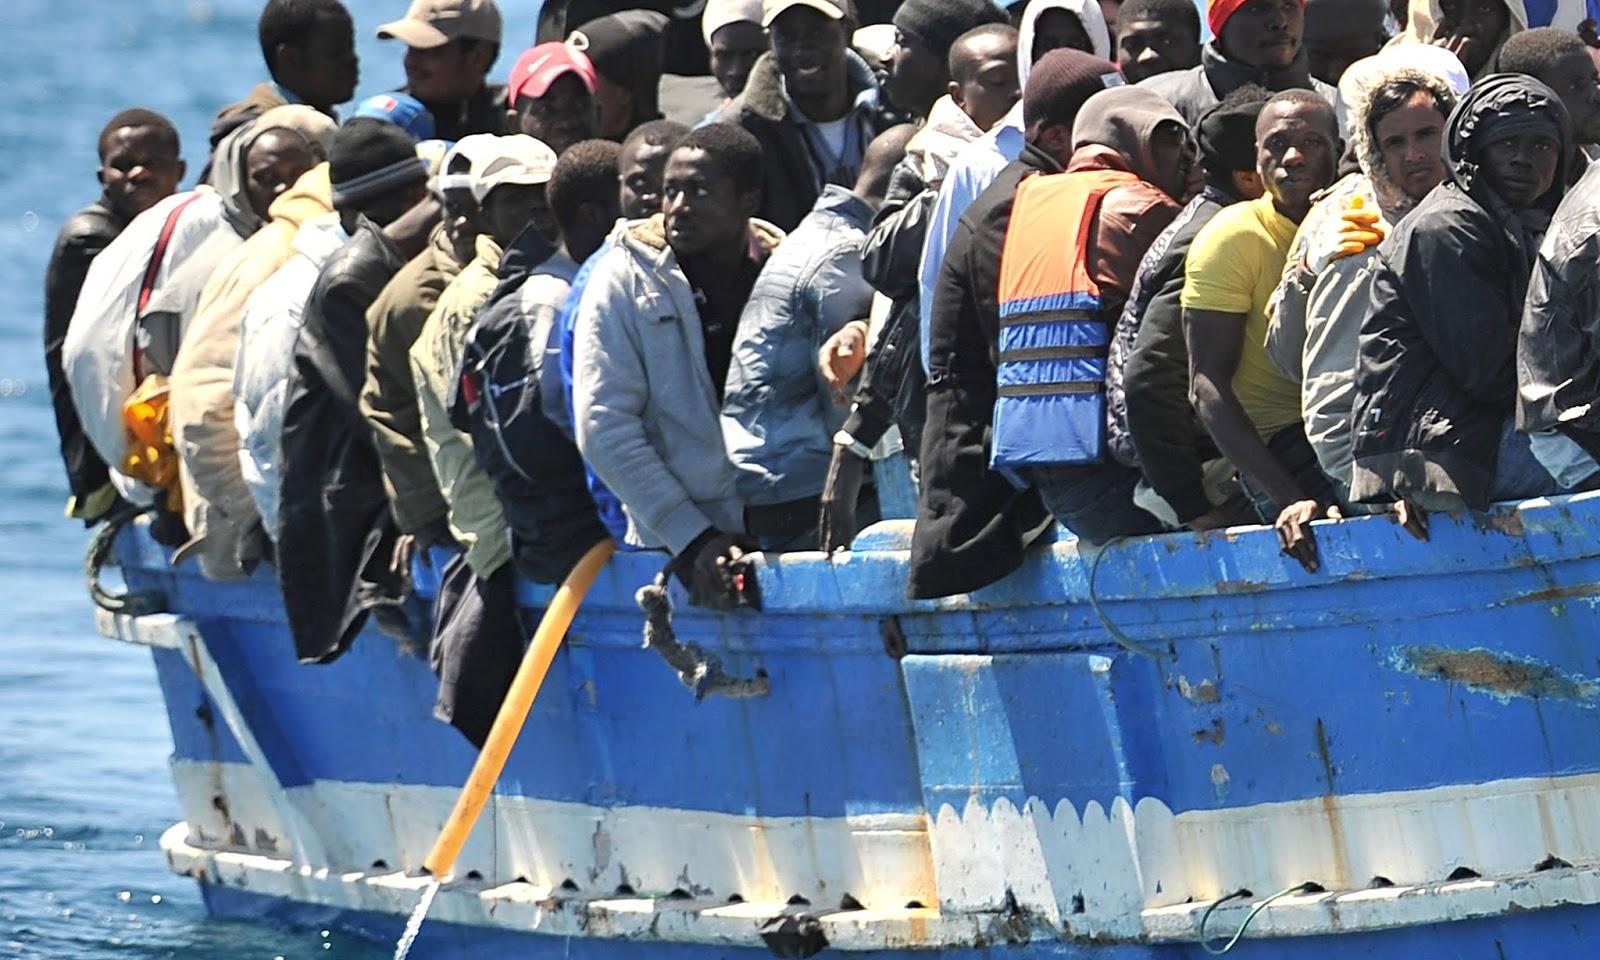 2017, débat, f1, france 2, hamilton, le pen, macron, présidentielle, rosberg, tf1, libye, gmr, khadafi, prétérition, jakubyszyn, saint-cricq